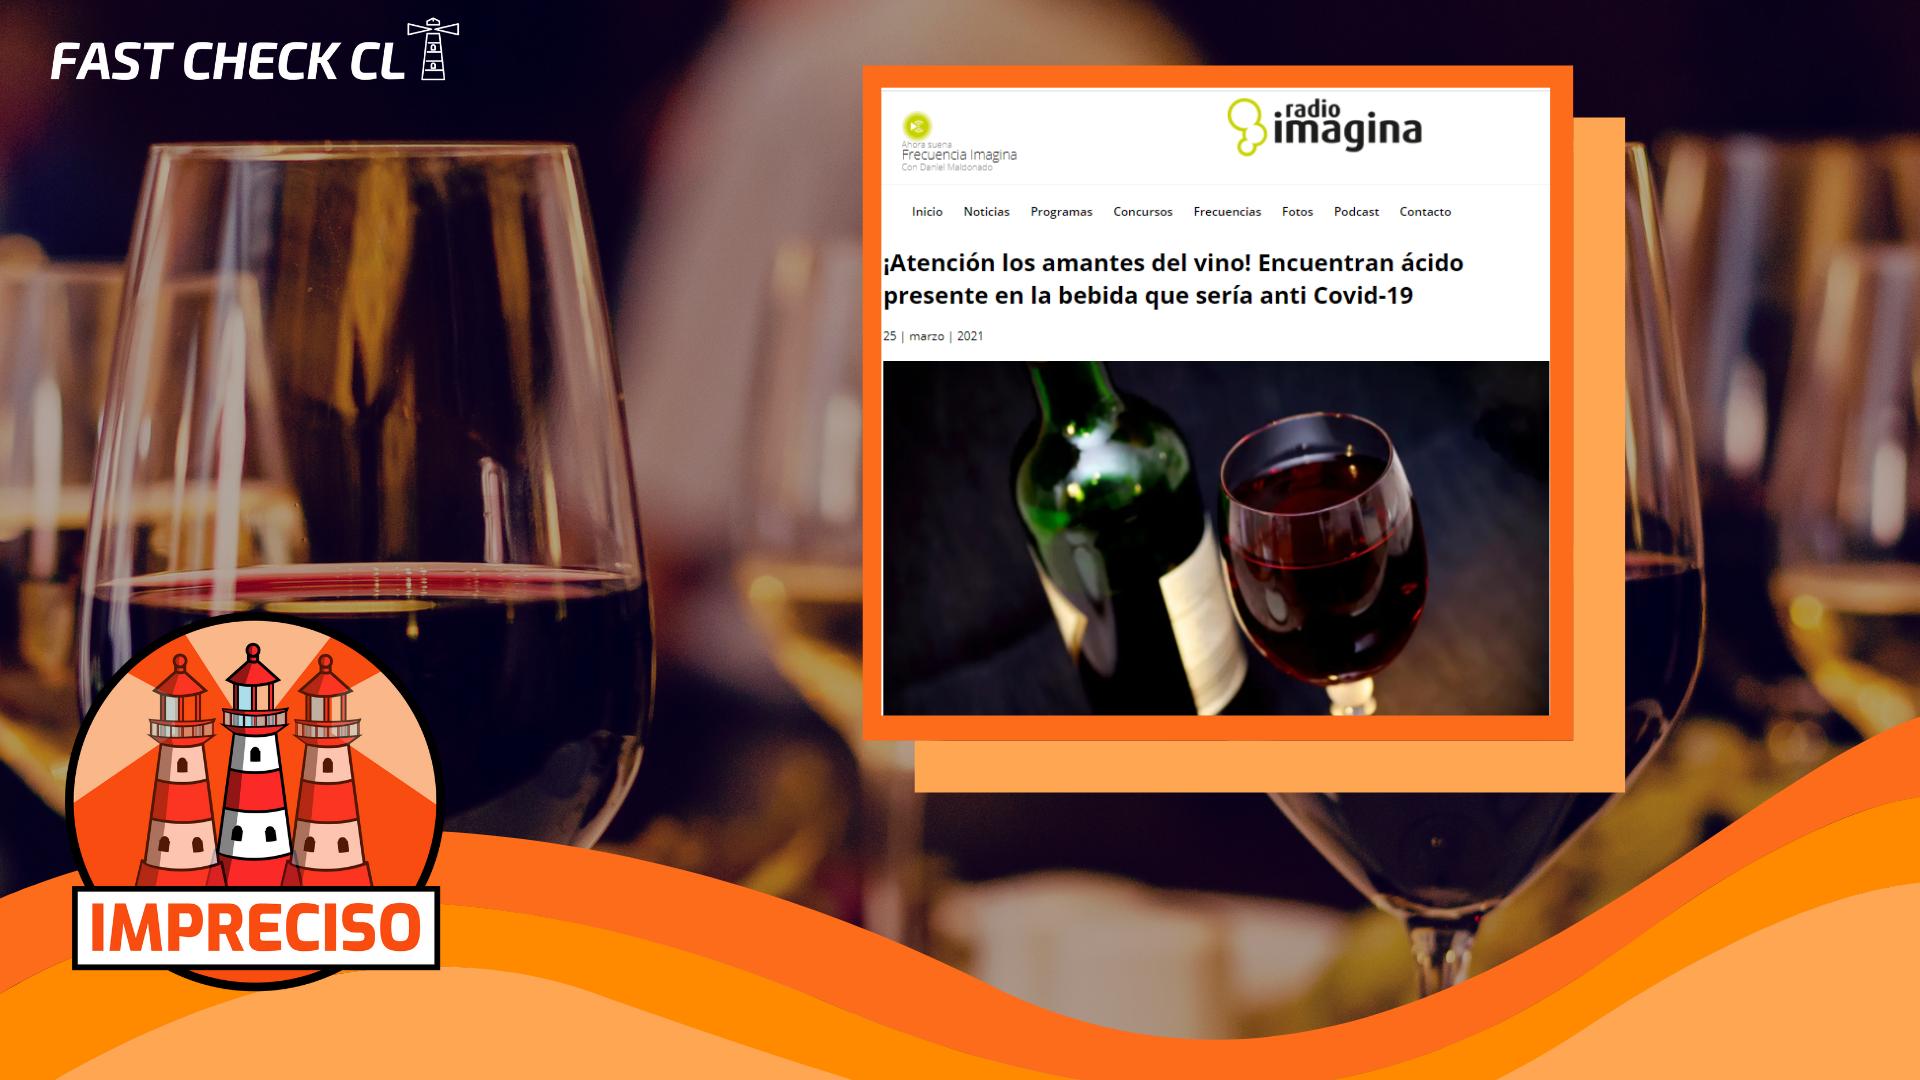 """""""¡Atención los amantes del vino! Encuentran ácido presente en la bebida que sería anti Covid-19″»: #Impreciso"""